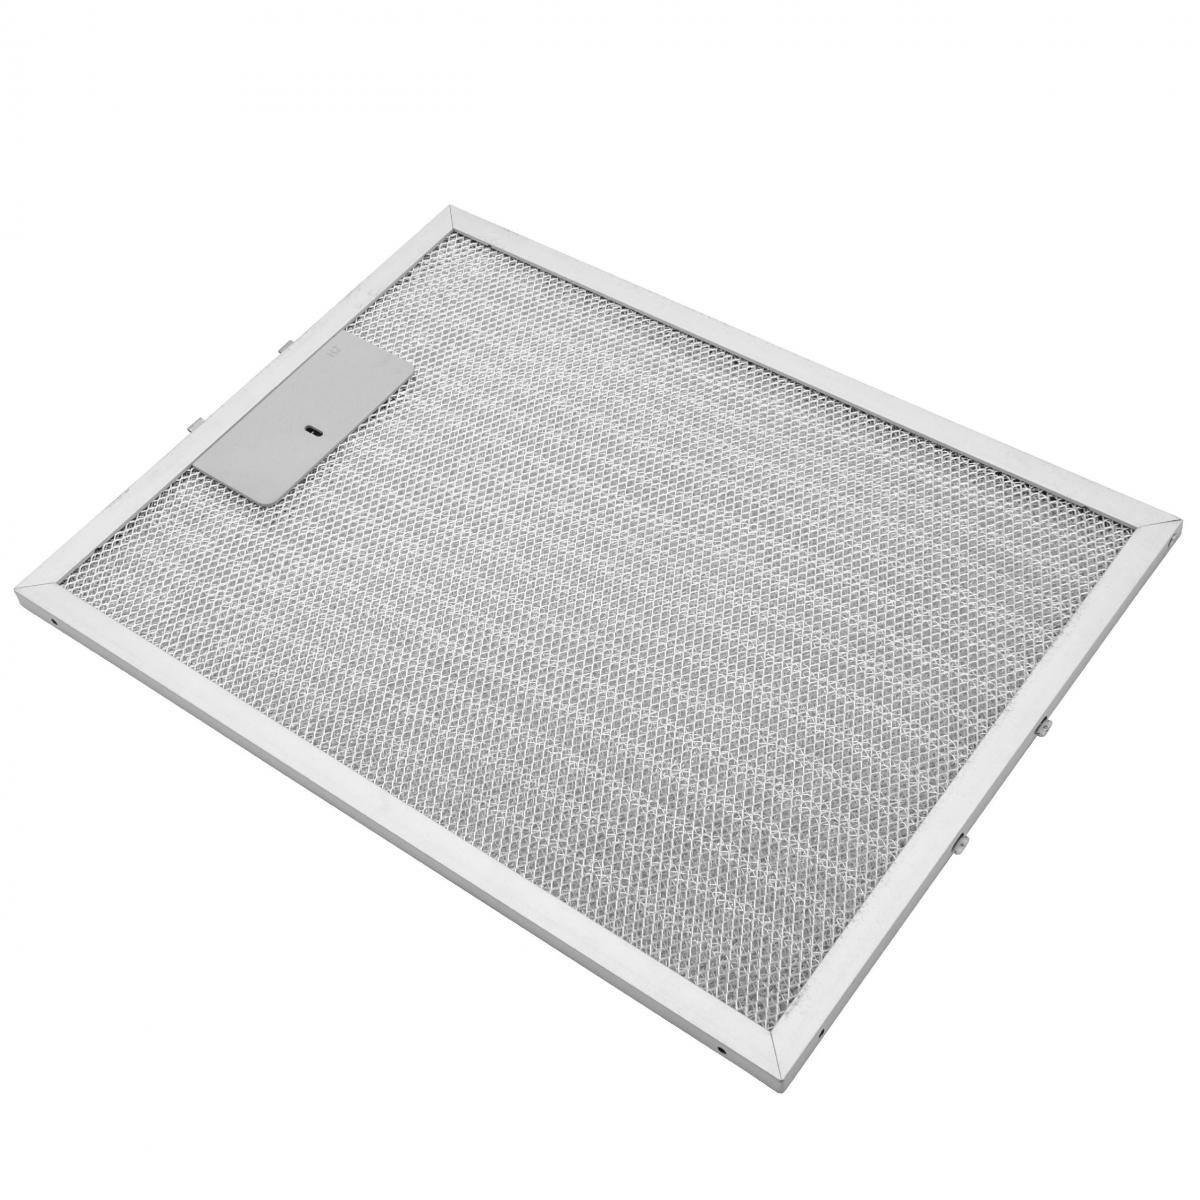 Vhbw vhbw Filtrepermanent filtre à graisse métallique 32,8 x 24,7 x 0,9 cm convient pour Zanussi ZK90X 94264000400 hottes de